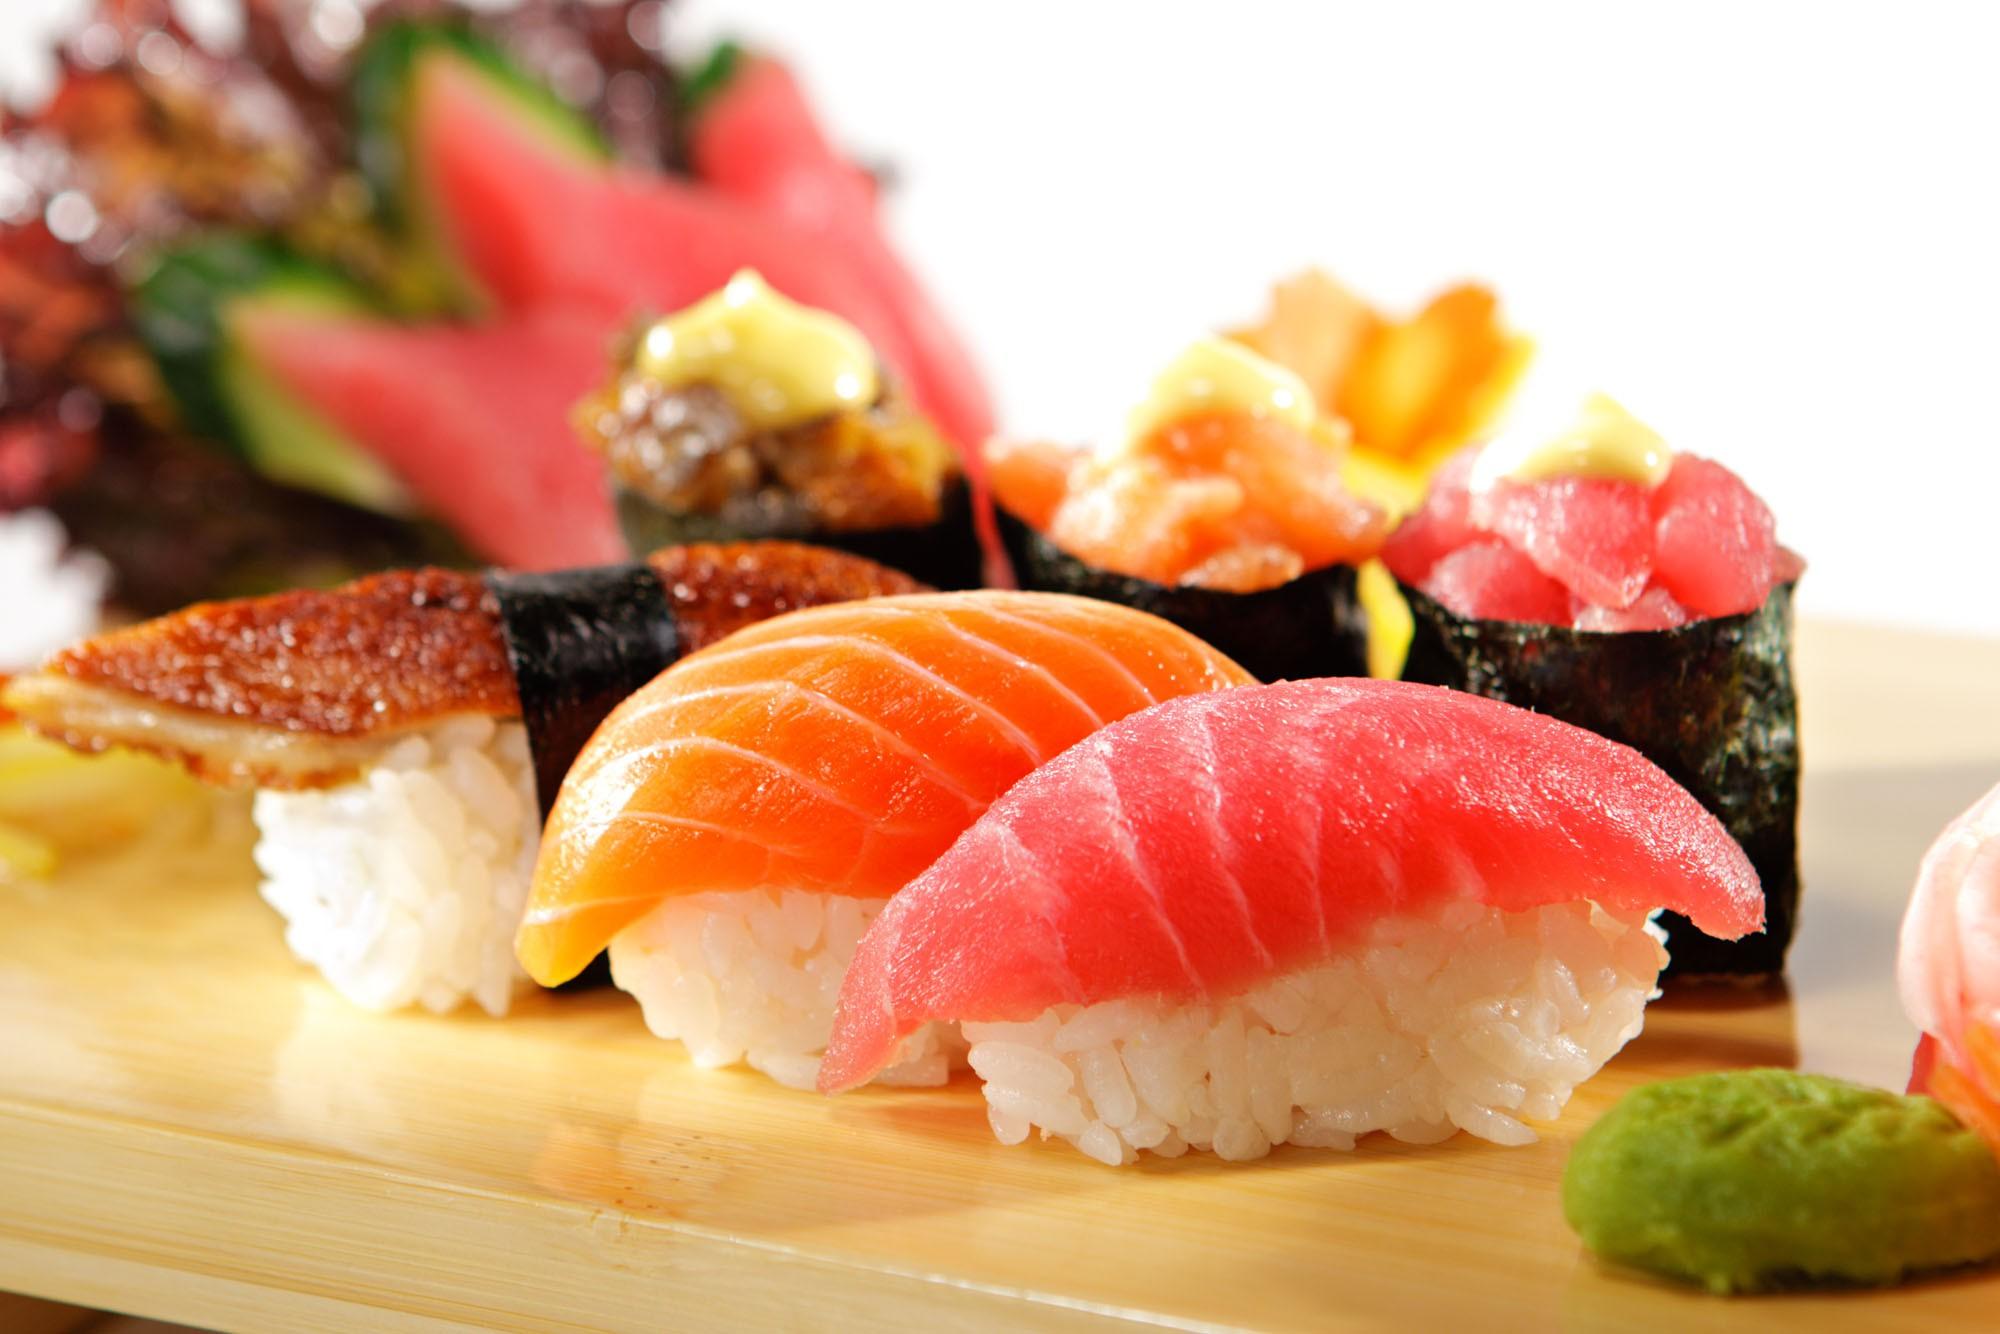 Từ thứ nguyên liệu để ướp cá rồi vứt đi, món ăn này đã trở nên nổi tiếng toàn cầu với giá cực chát - Ảnh 4.